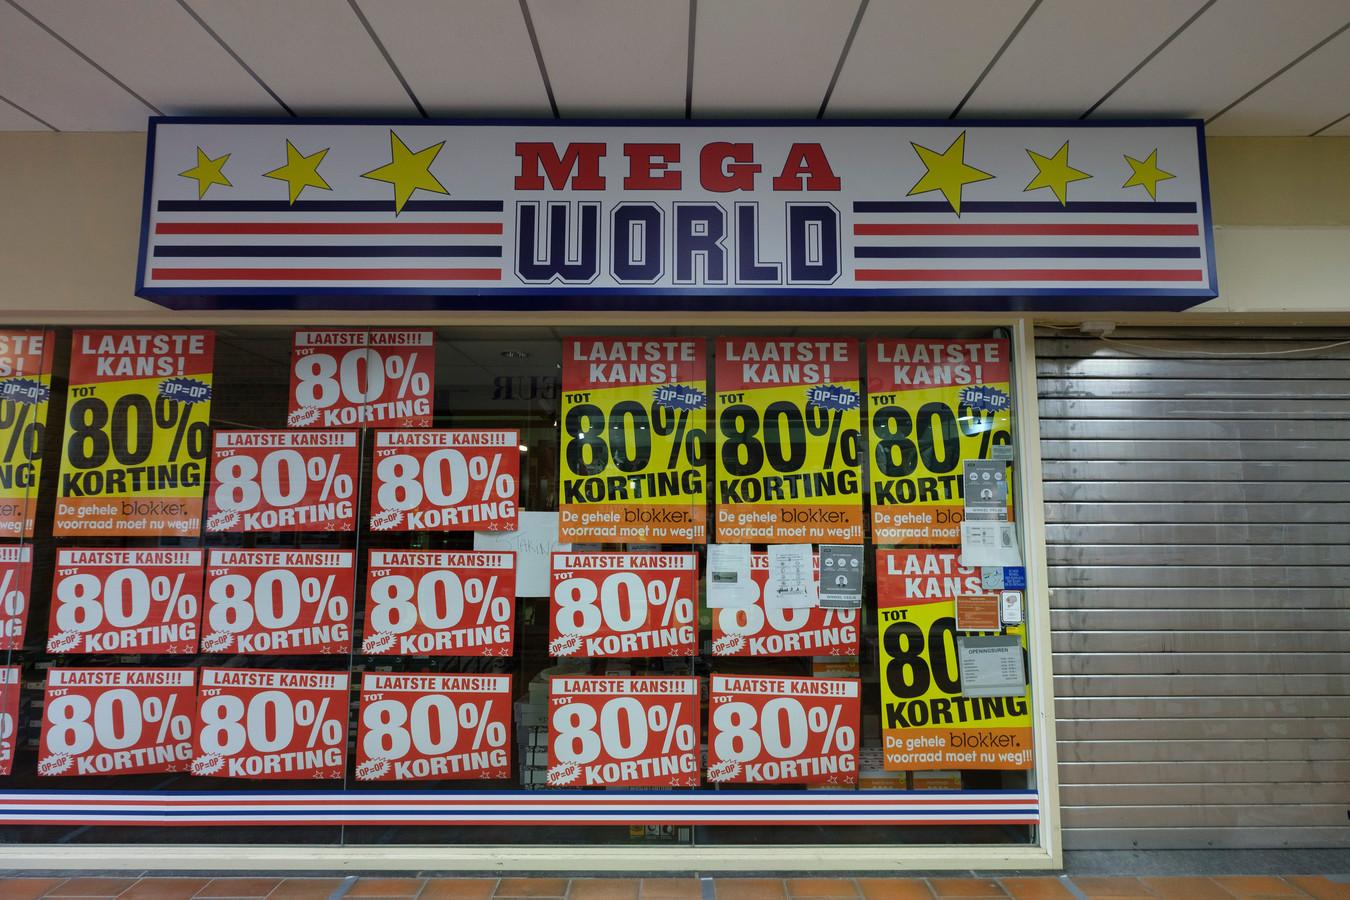 De winkelketen Mega World ging dit jaar failliet.